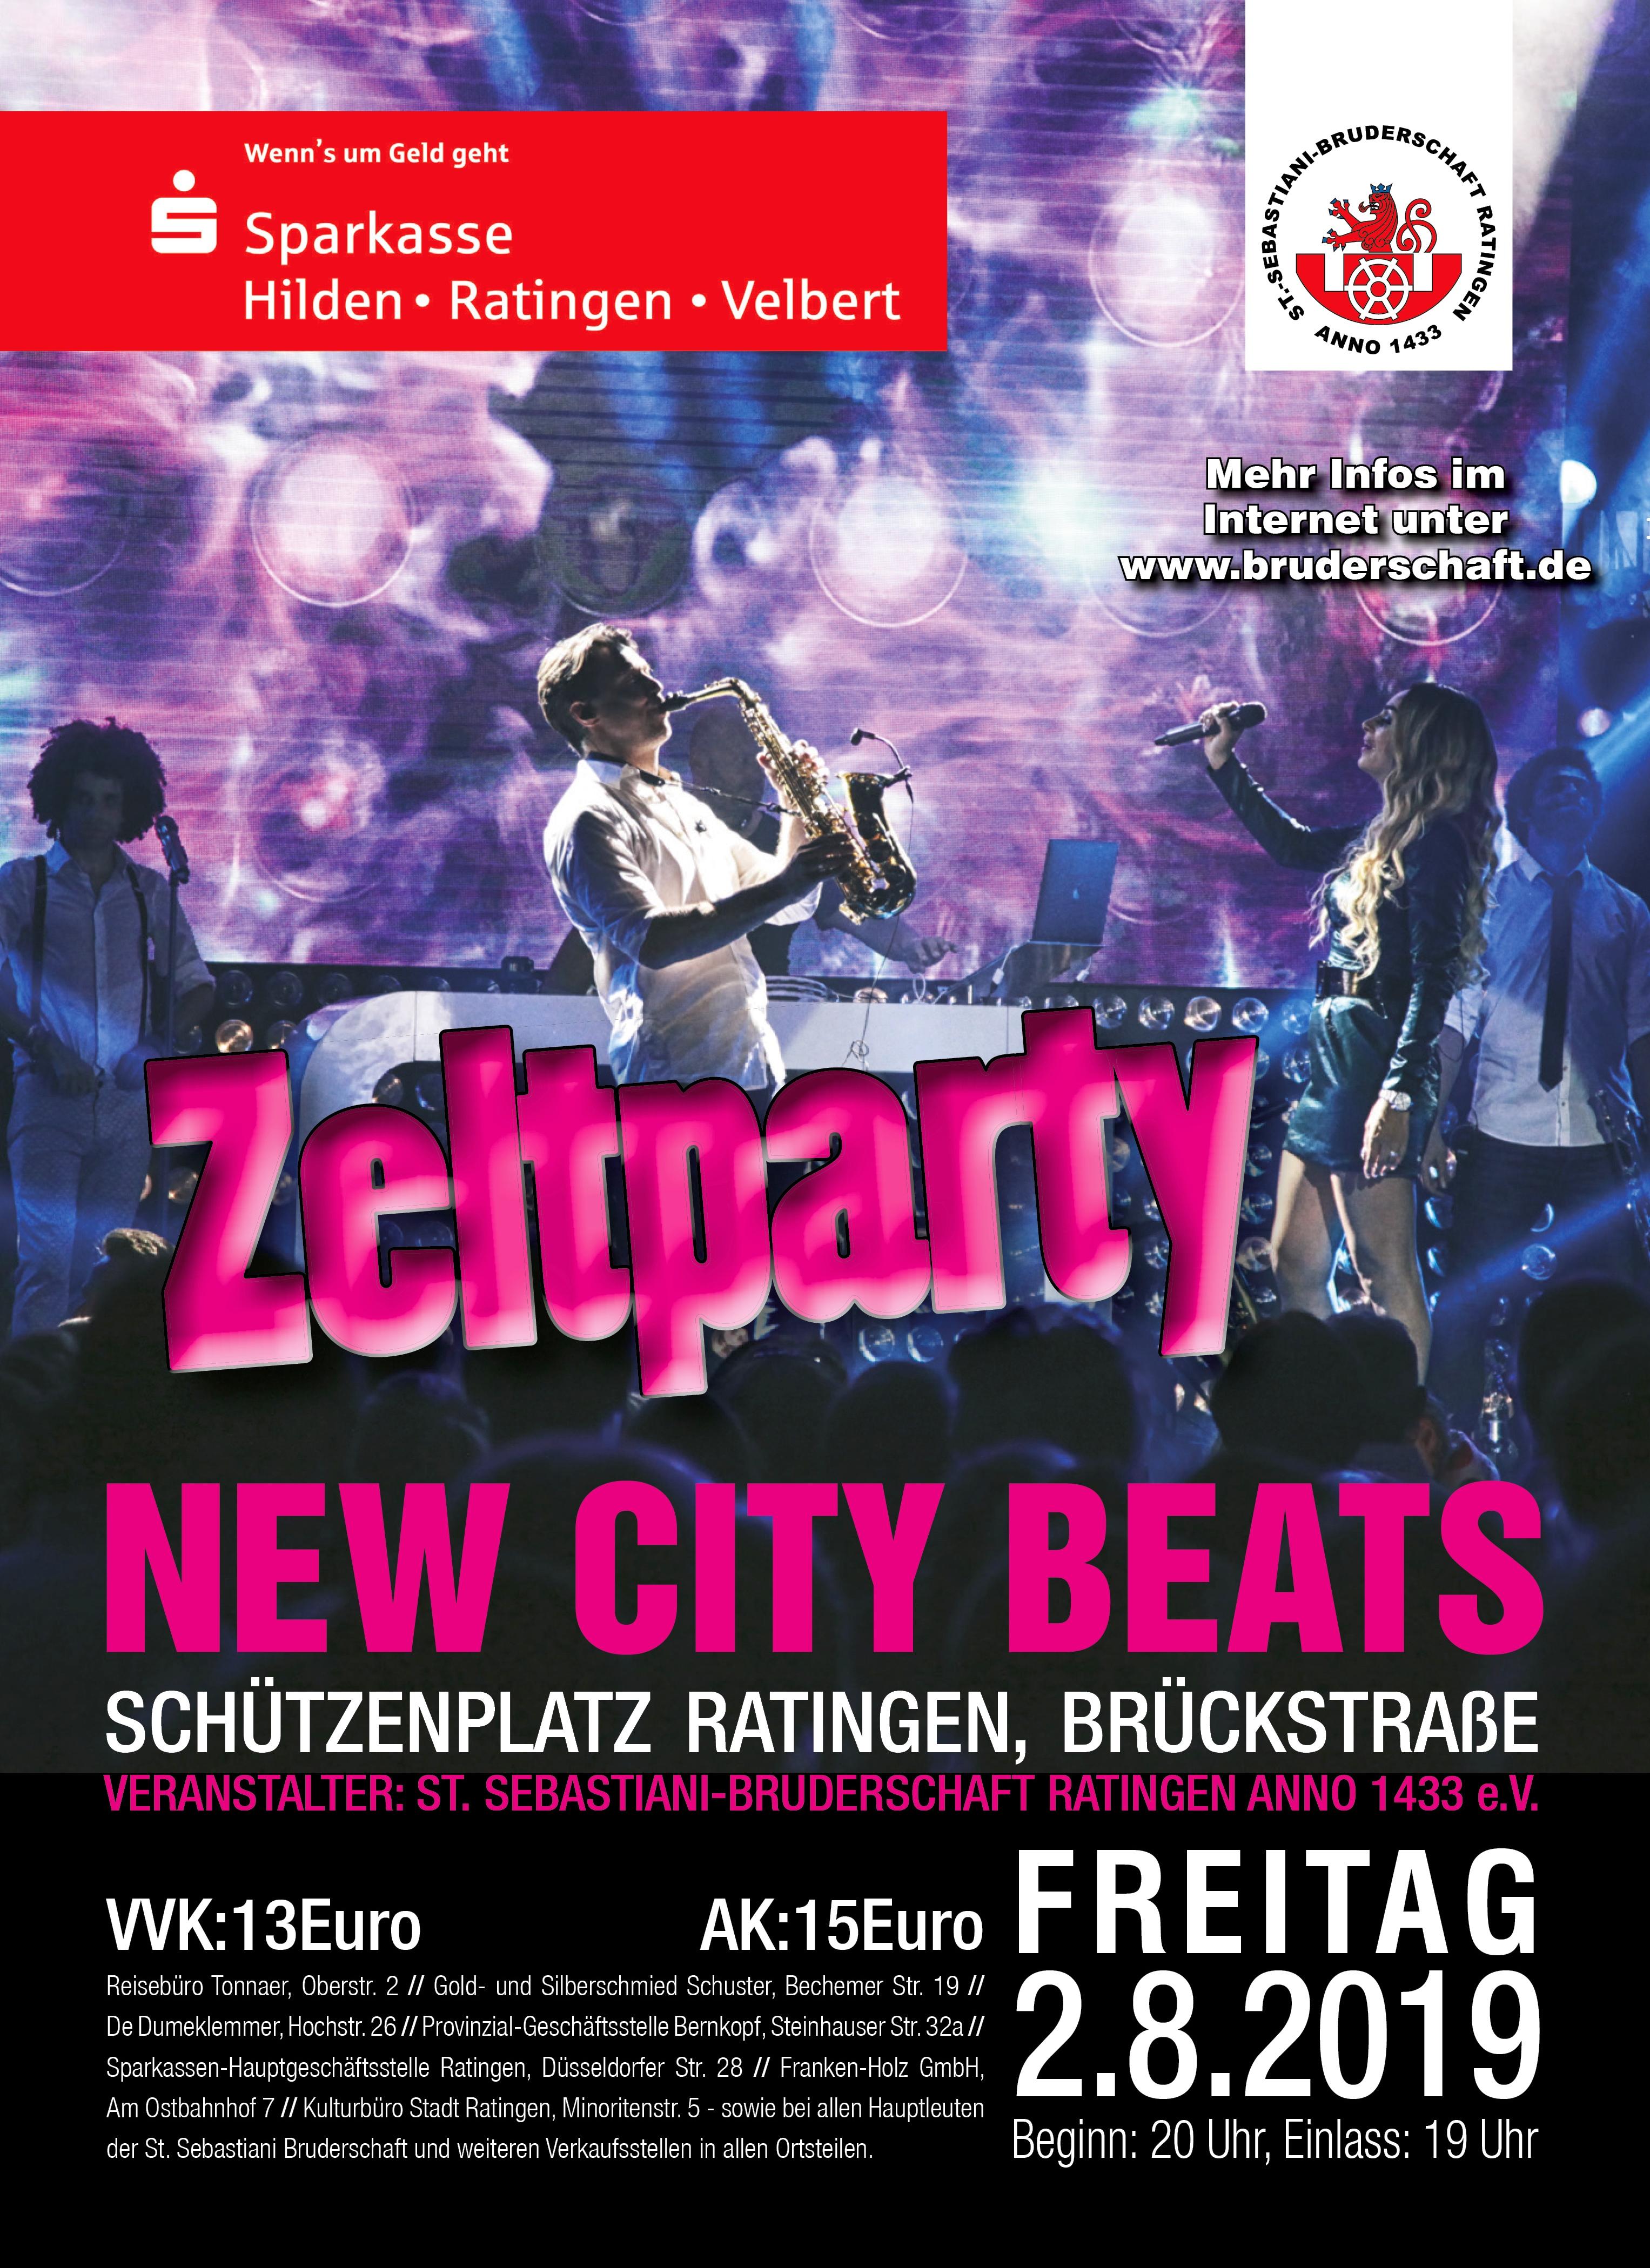 Plakat Zeltparty 2019